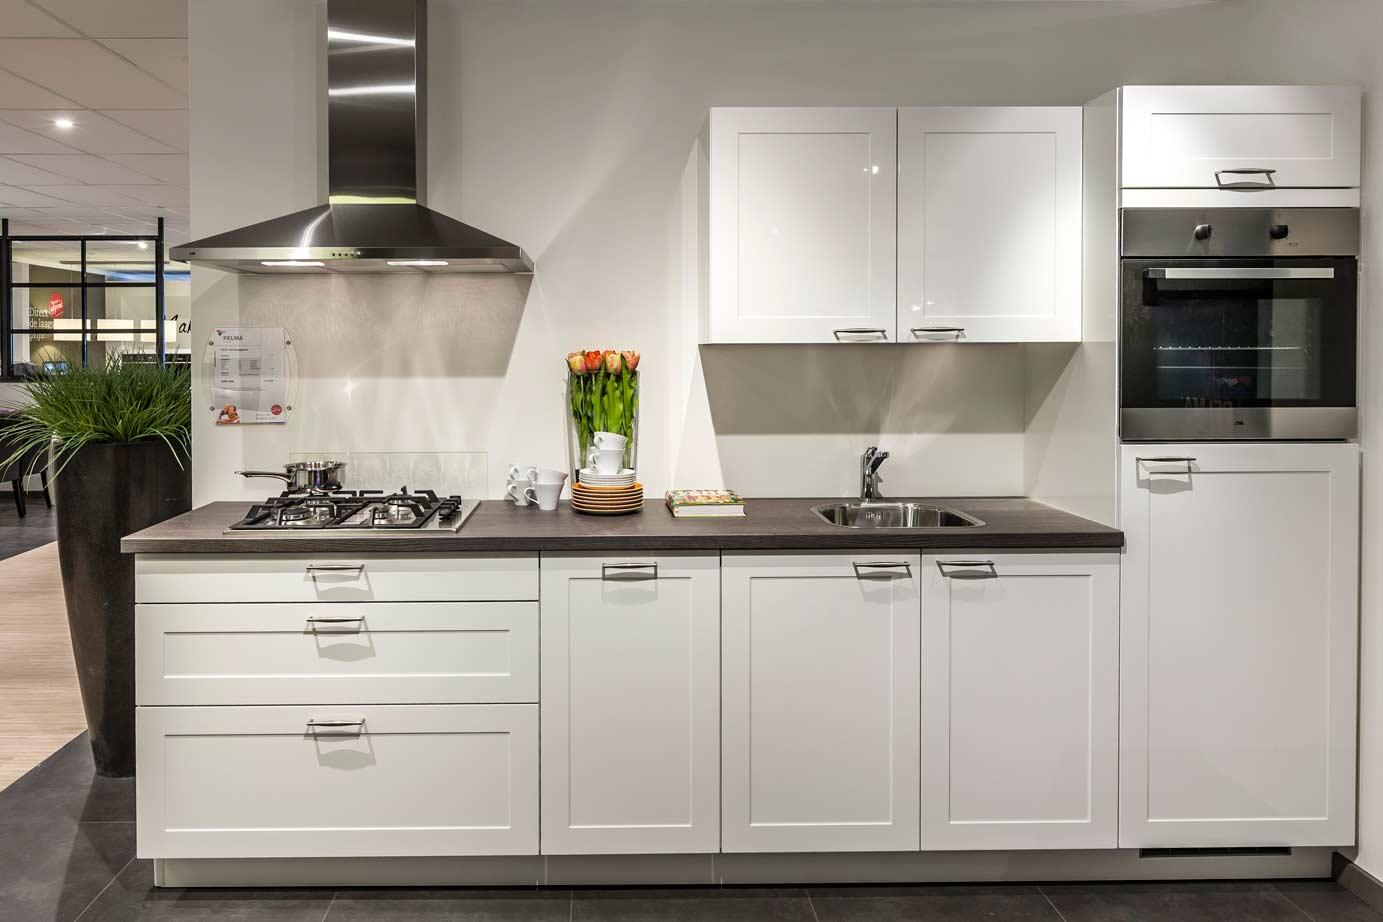 Kastenwand Keuken Kopen : keuken. Strak, compact, bekijk de vele mogelijkheden! – DB Keukens